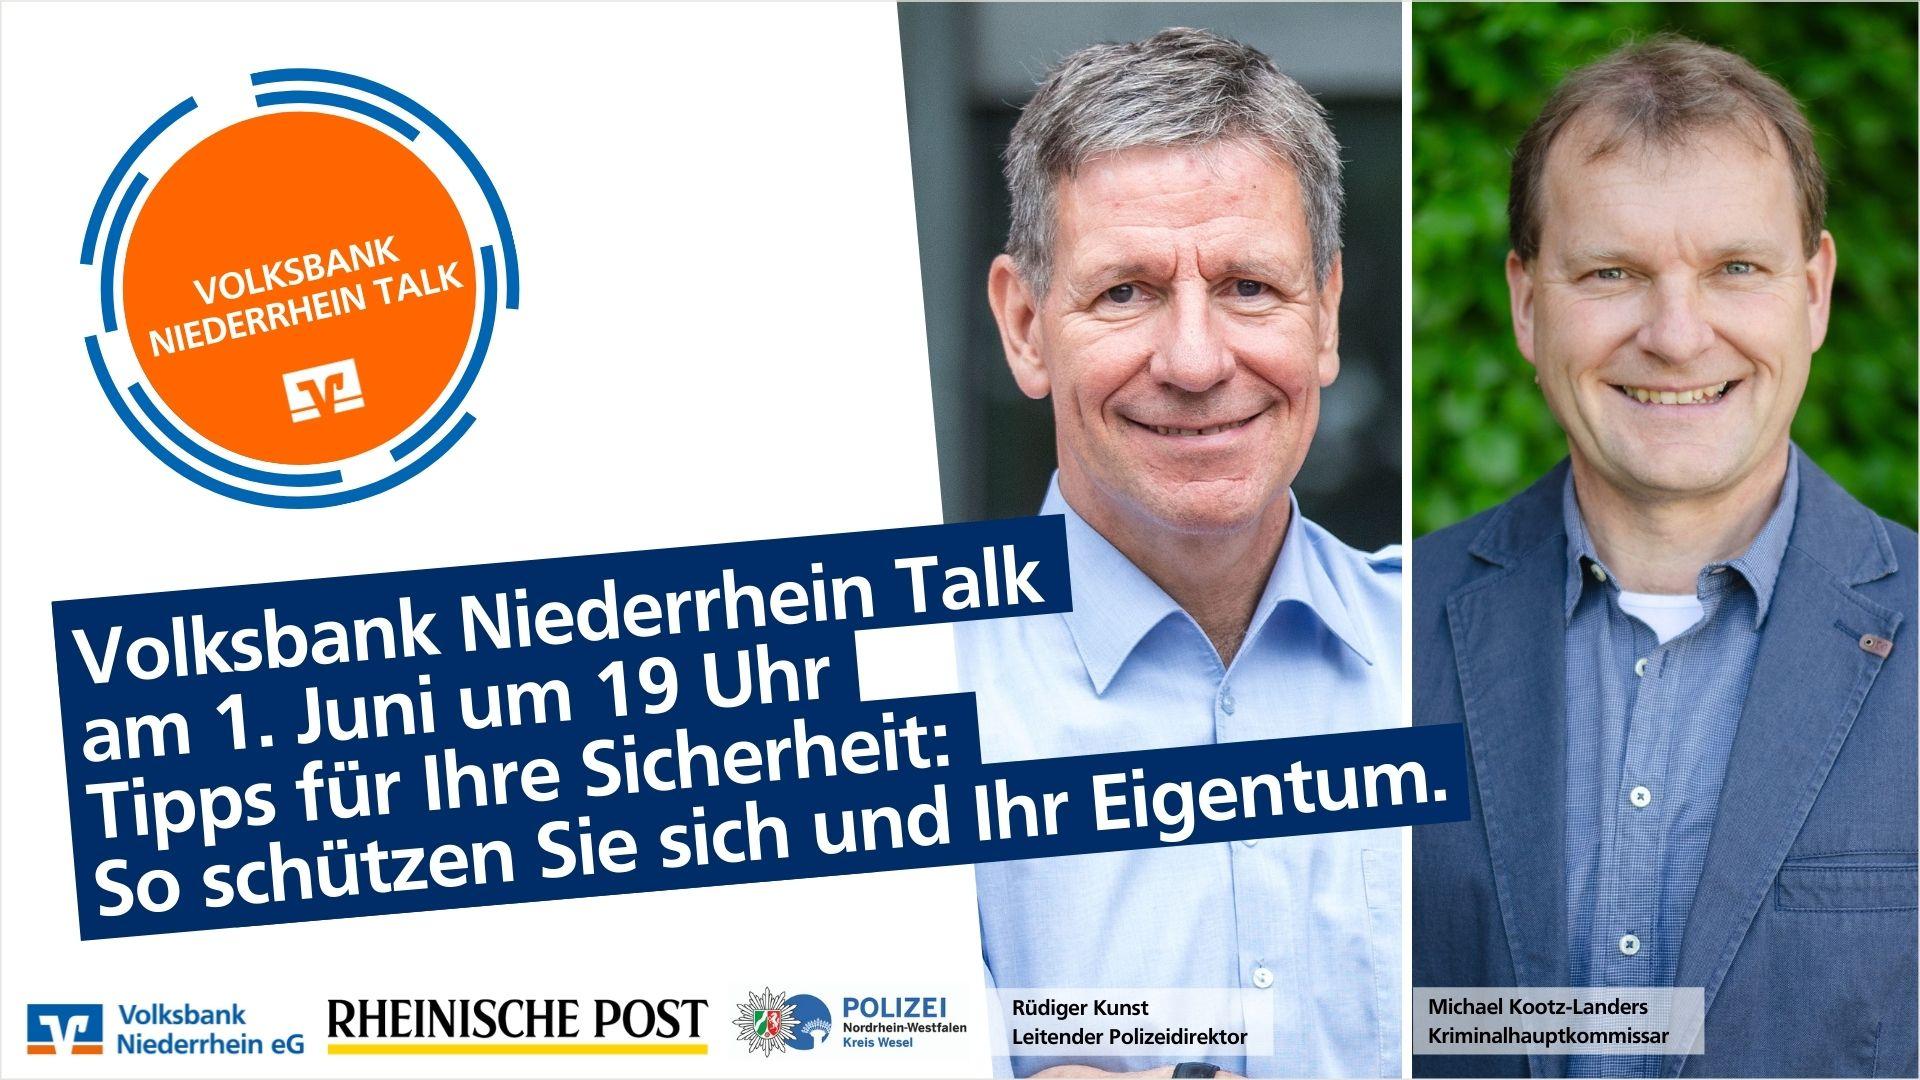 Volksbank Niederrhein Talk mit der Kreispolizei Wesel: